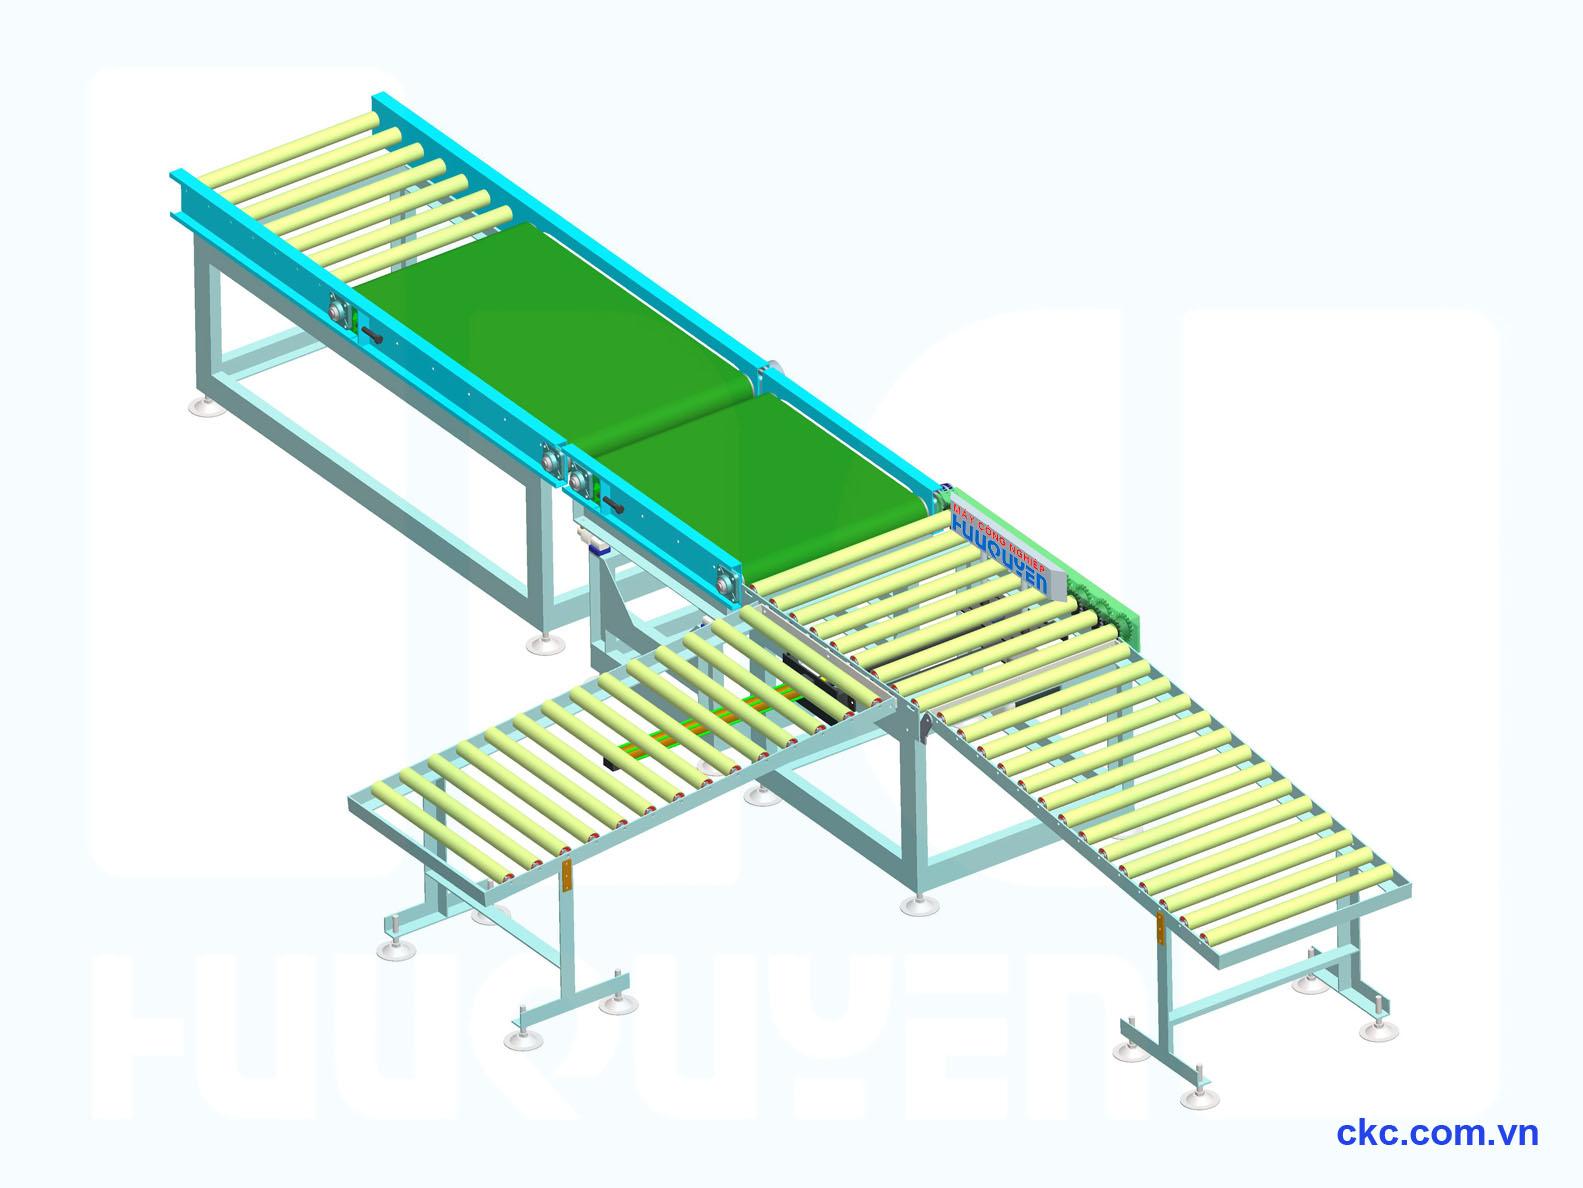 Hệ thống cân kiểm tra phân loại sản phẩm dạng băng tải con lăn